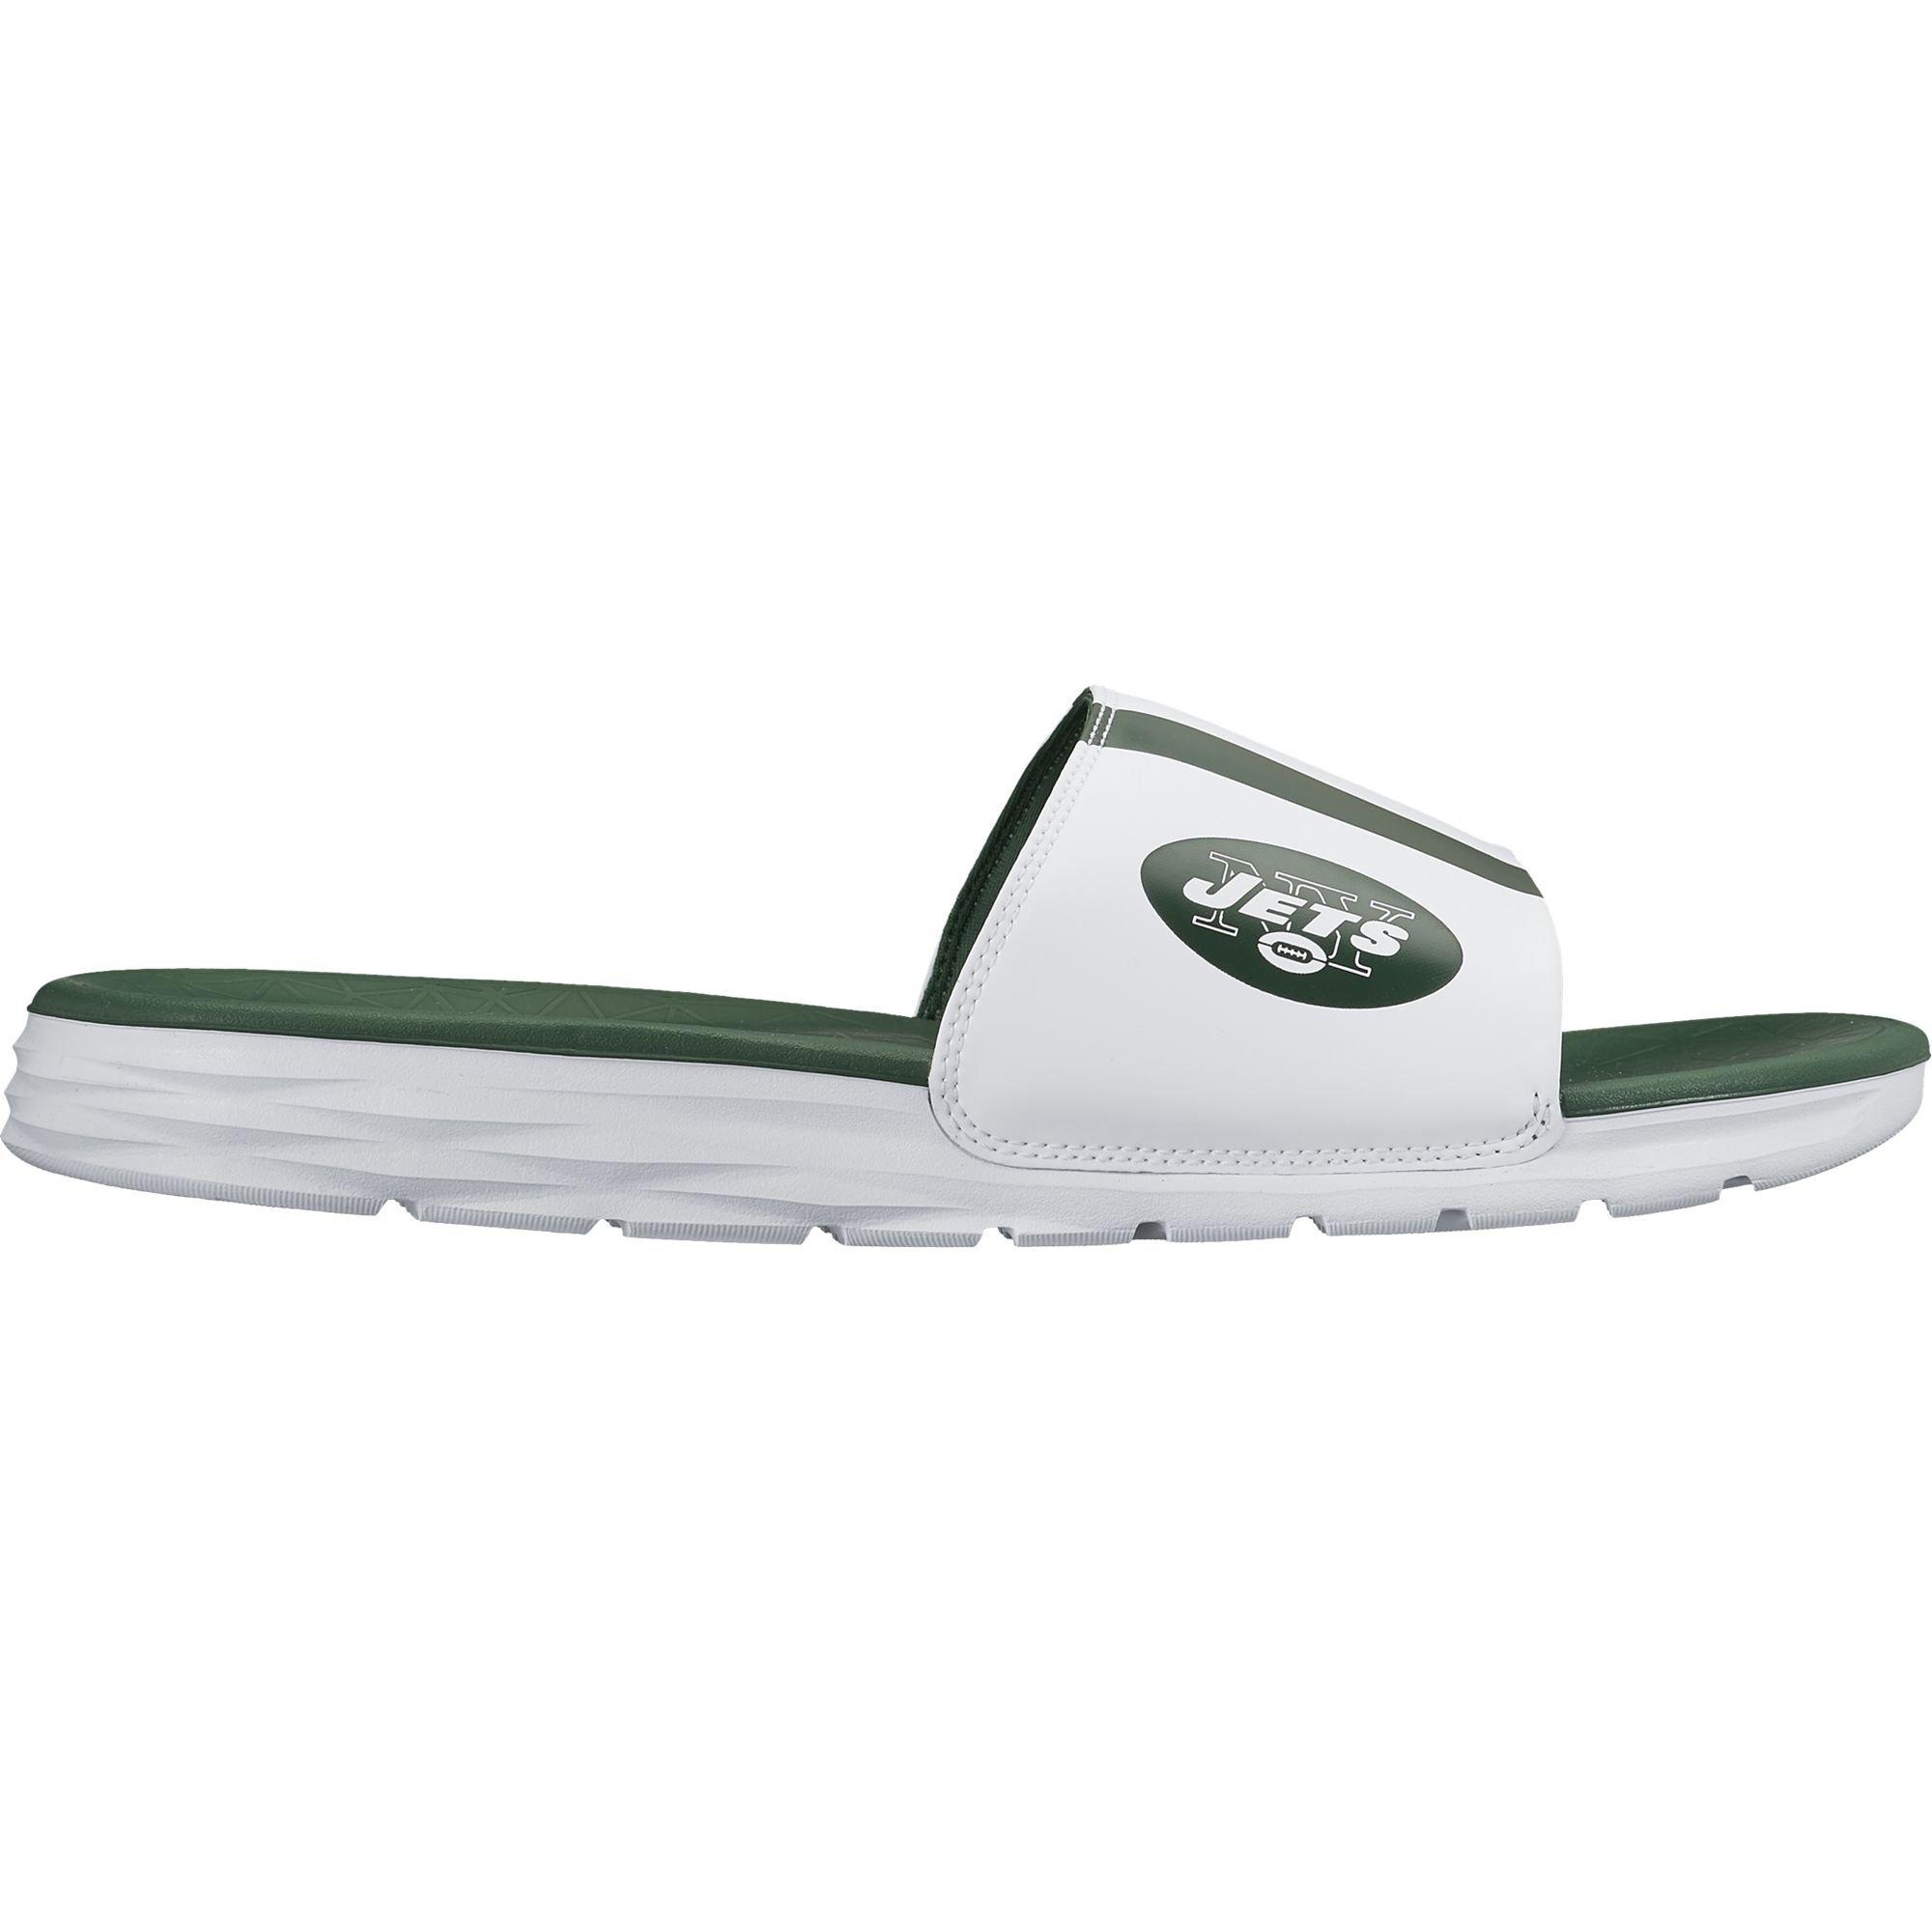 44705d8ec101 Galleon - Nike Men s Benassi Solarsoft New York Jets NFL Sandal White Green  Size 10 M US